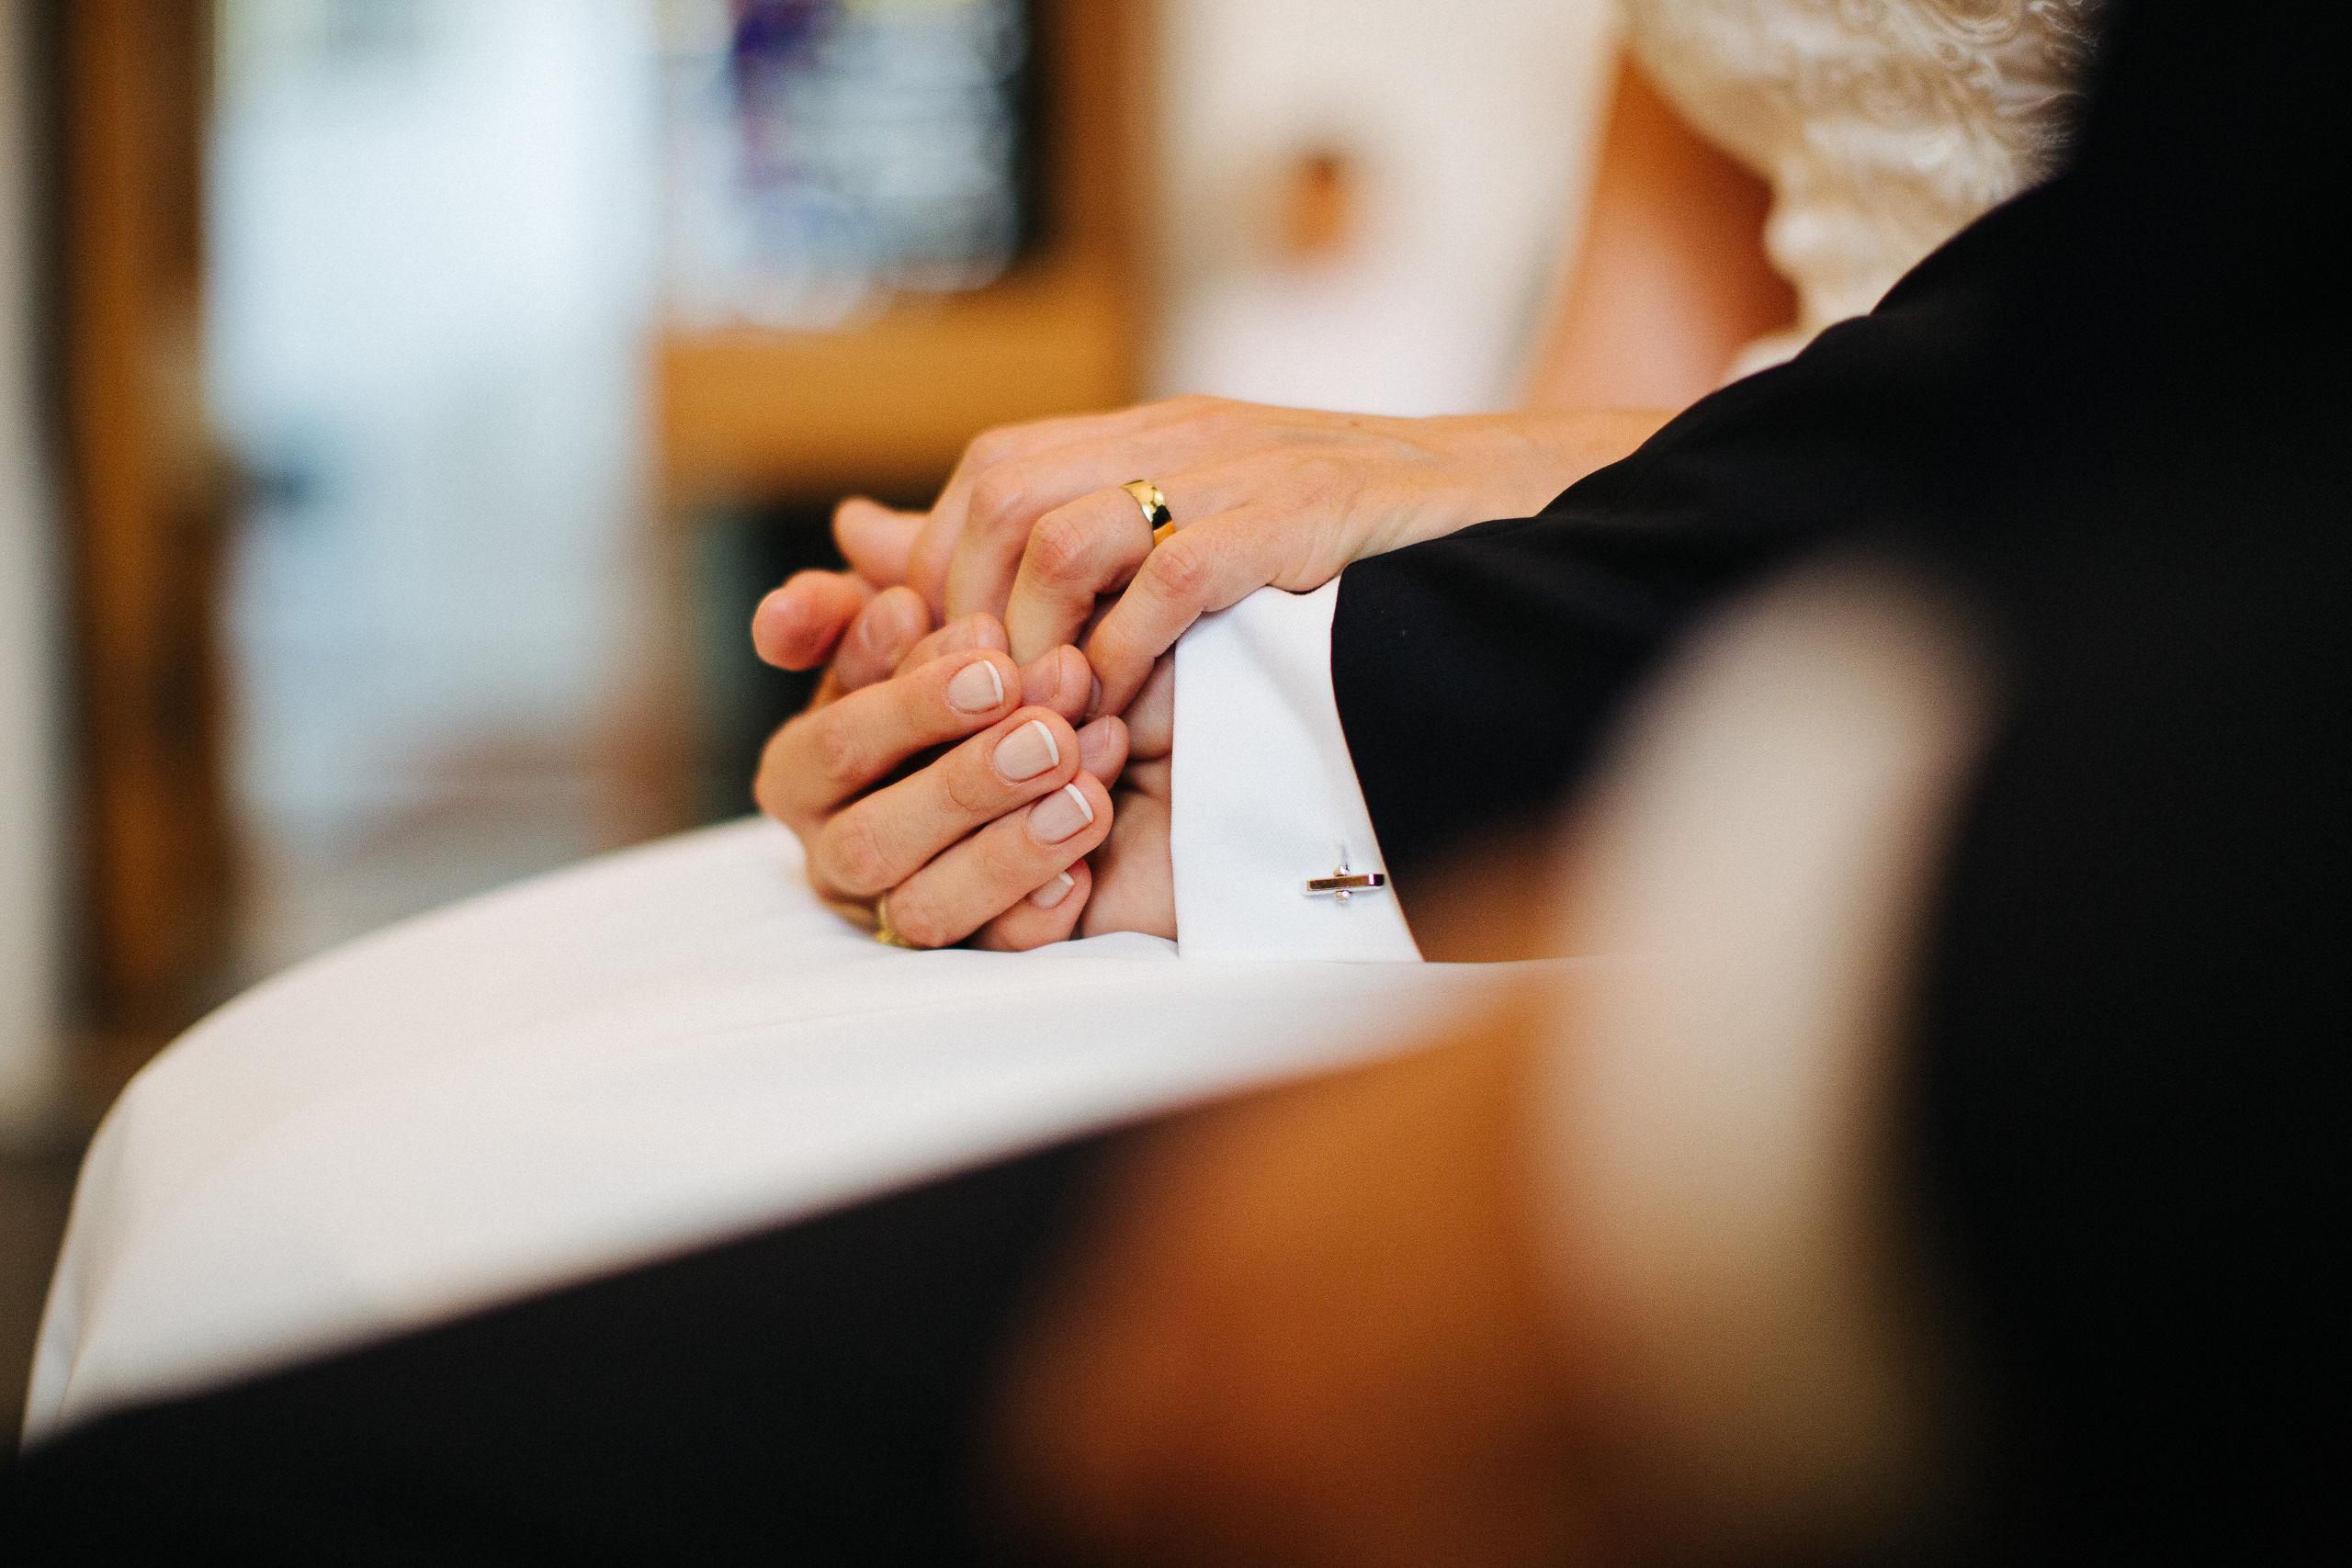 przeszkody małżeńskie - związek małżeński